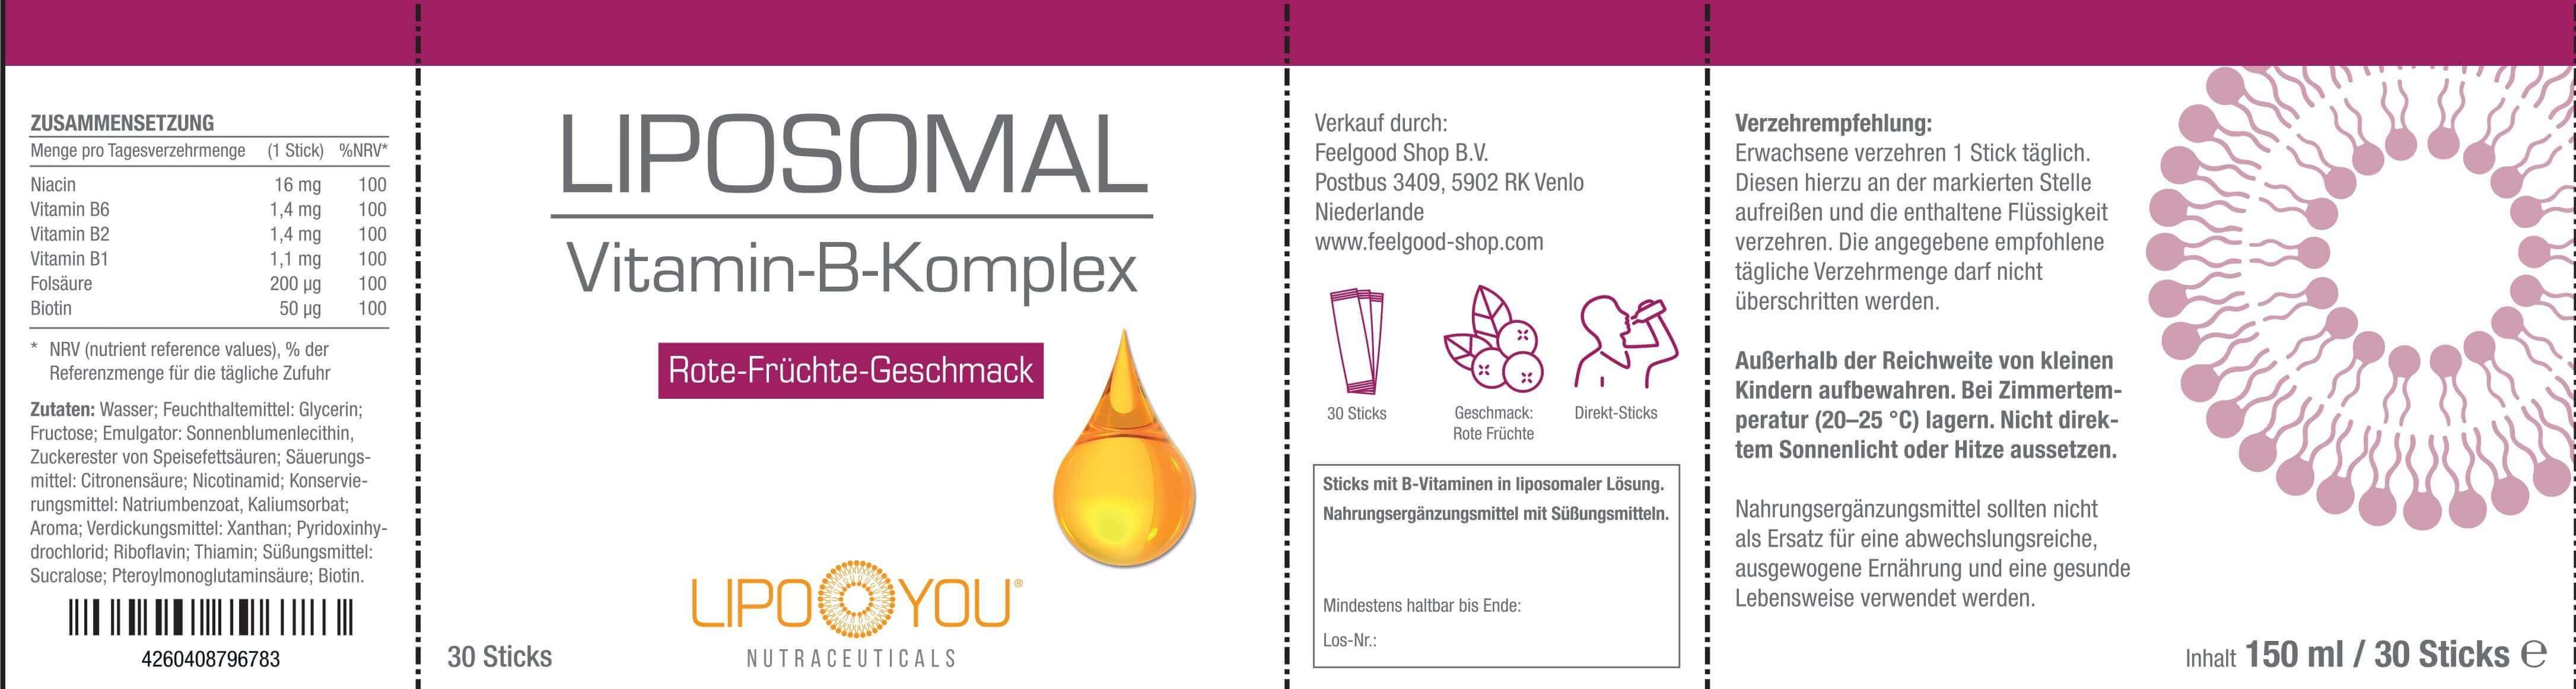 LIPOSOMAL Vitamin-B-Komplex